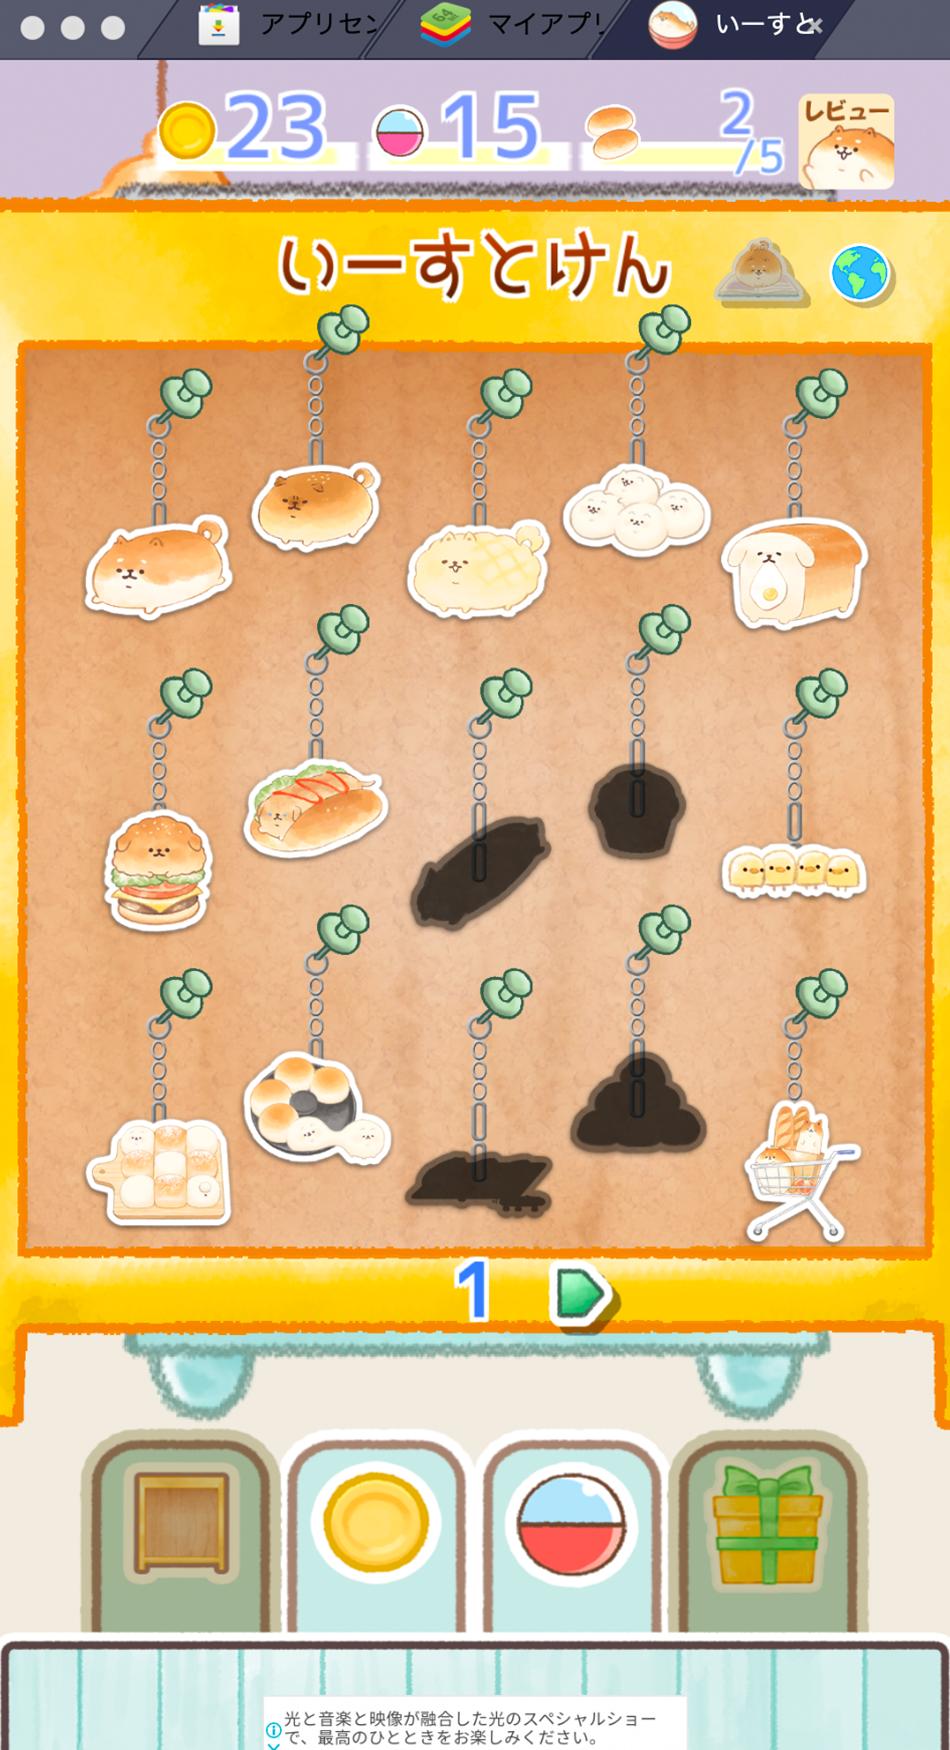 BlueStacksを使ってPCで『いーすとけん。不思議なパン屋の物語』を遊ぼう